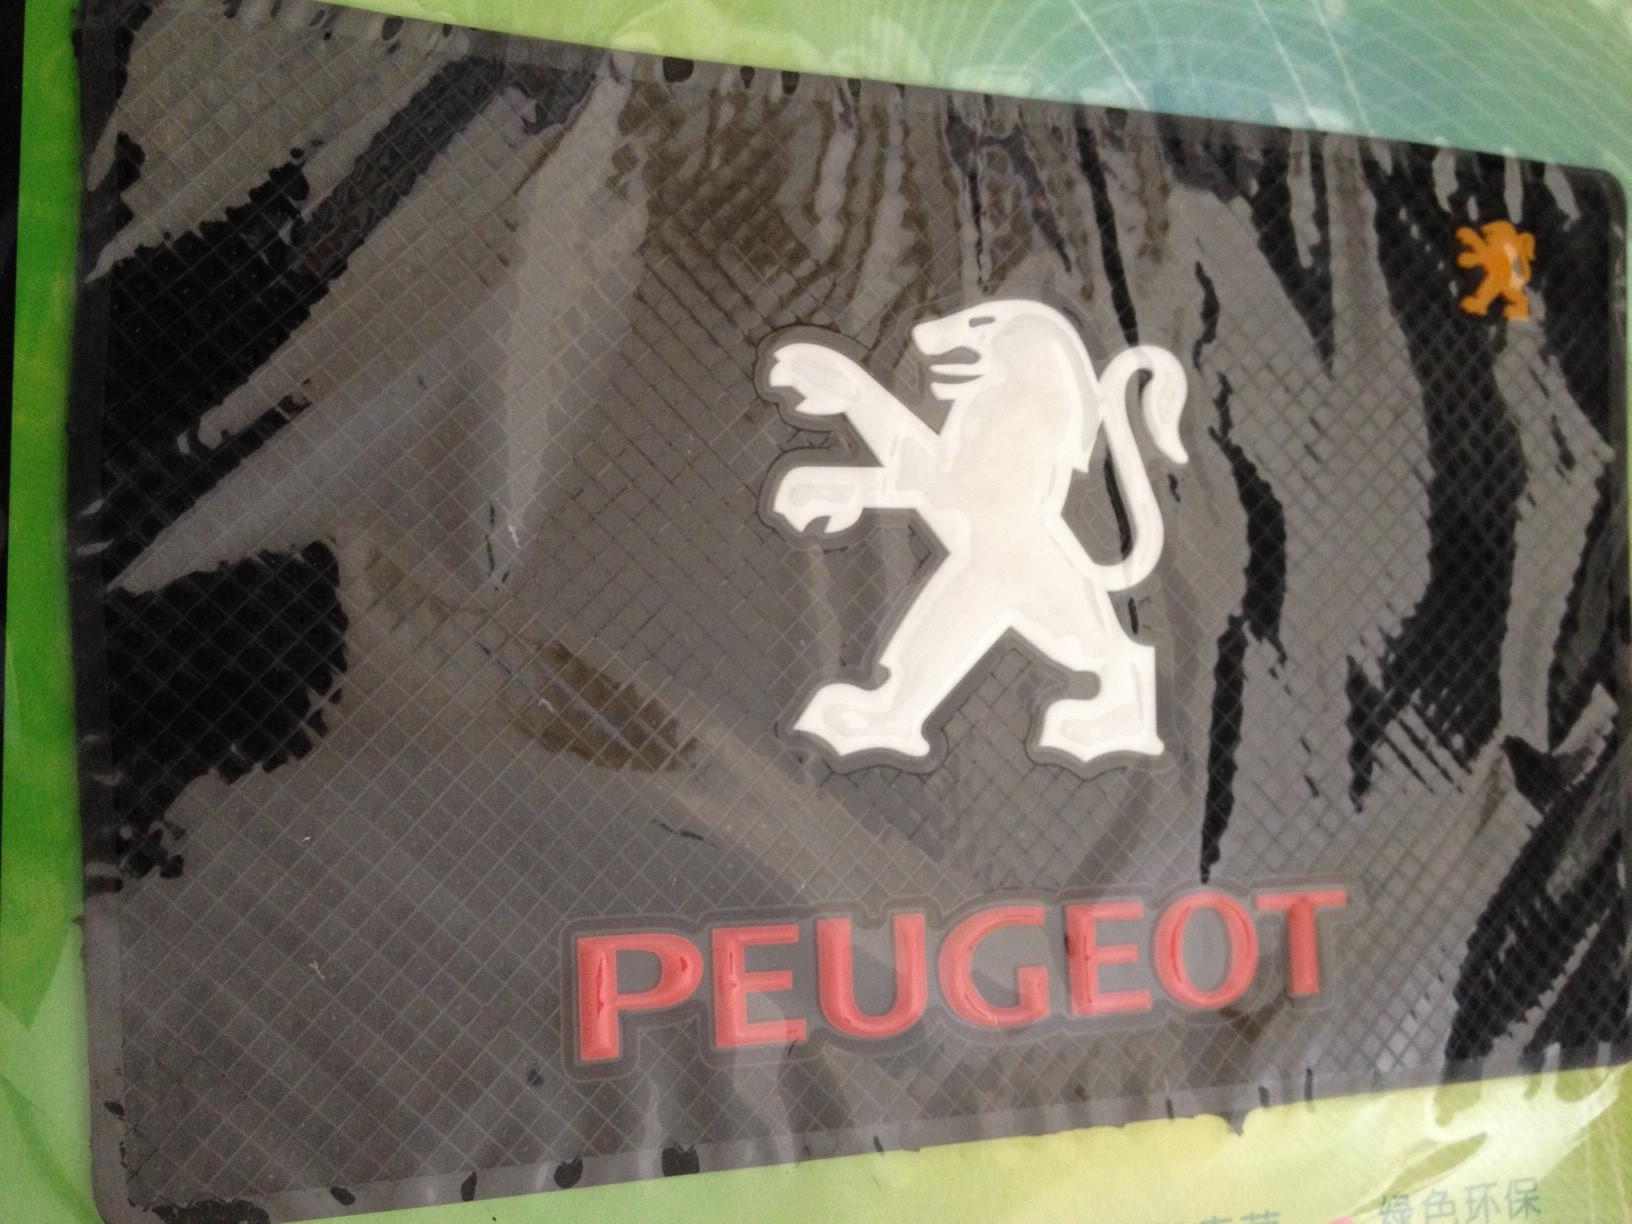 พรมกันลื่น ตรา Peugeot ขนาด 11.5x18,5 cm